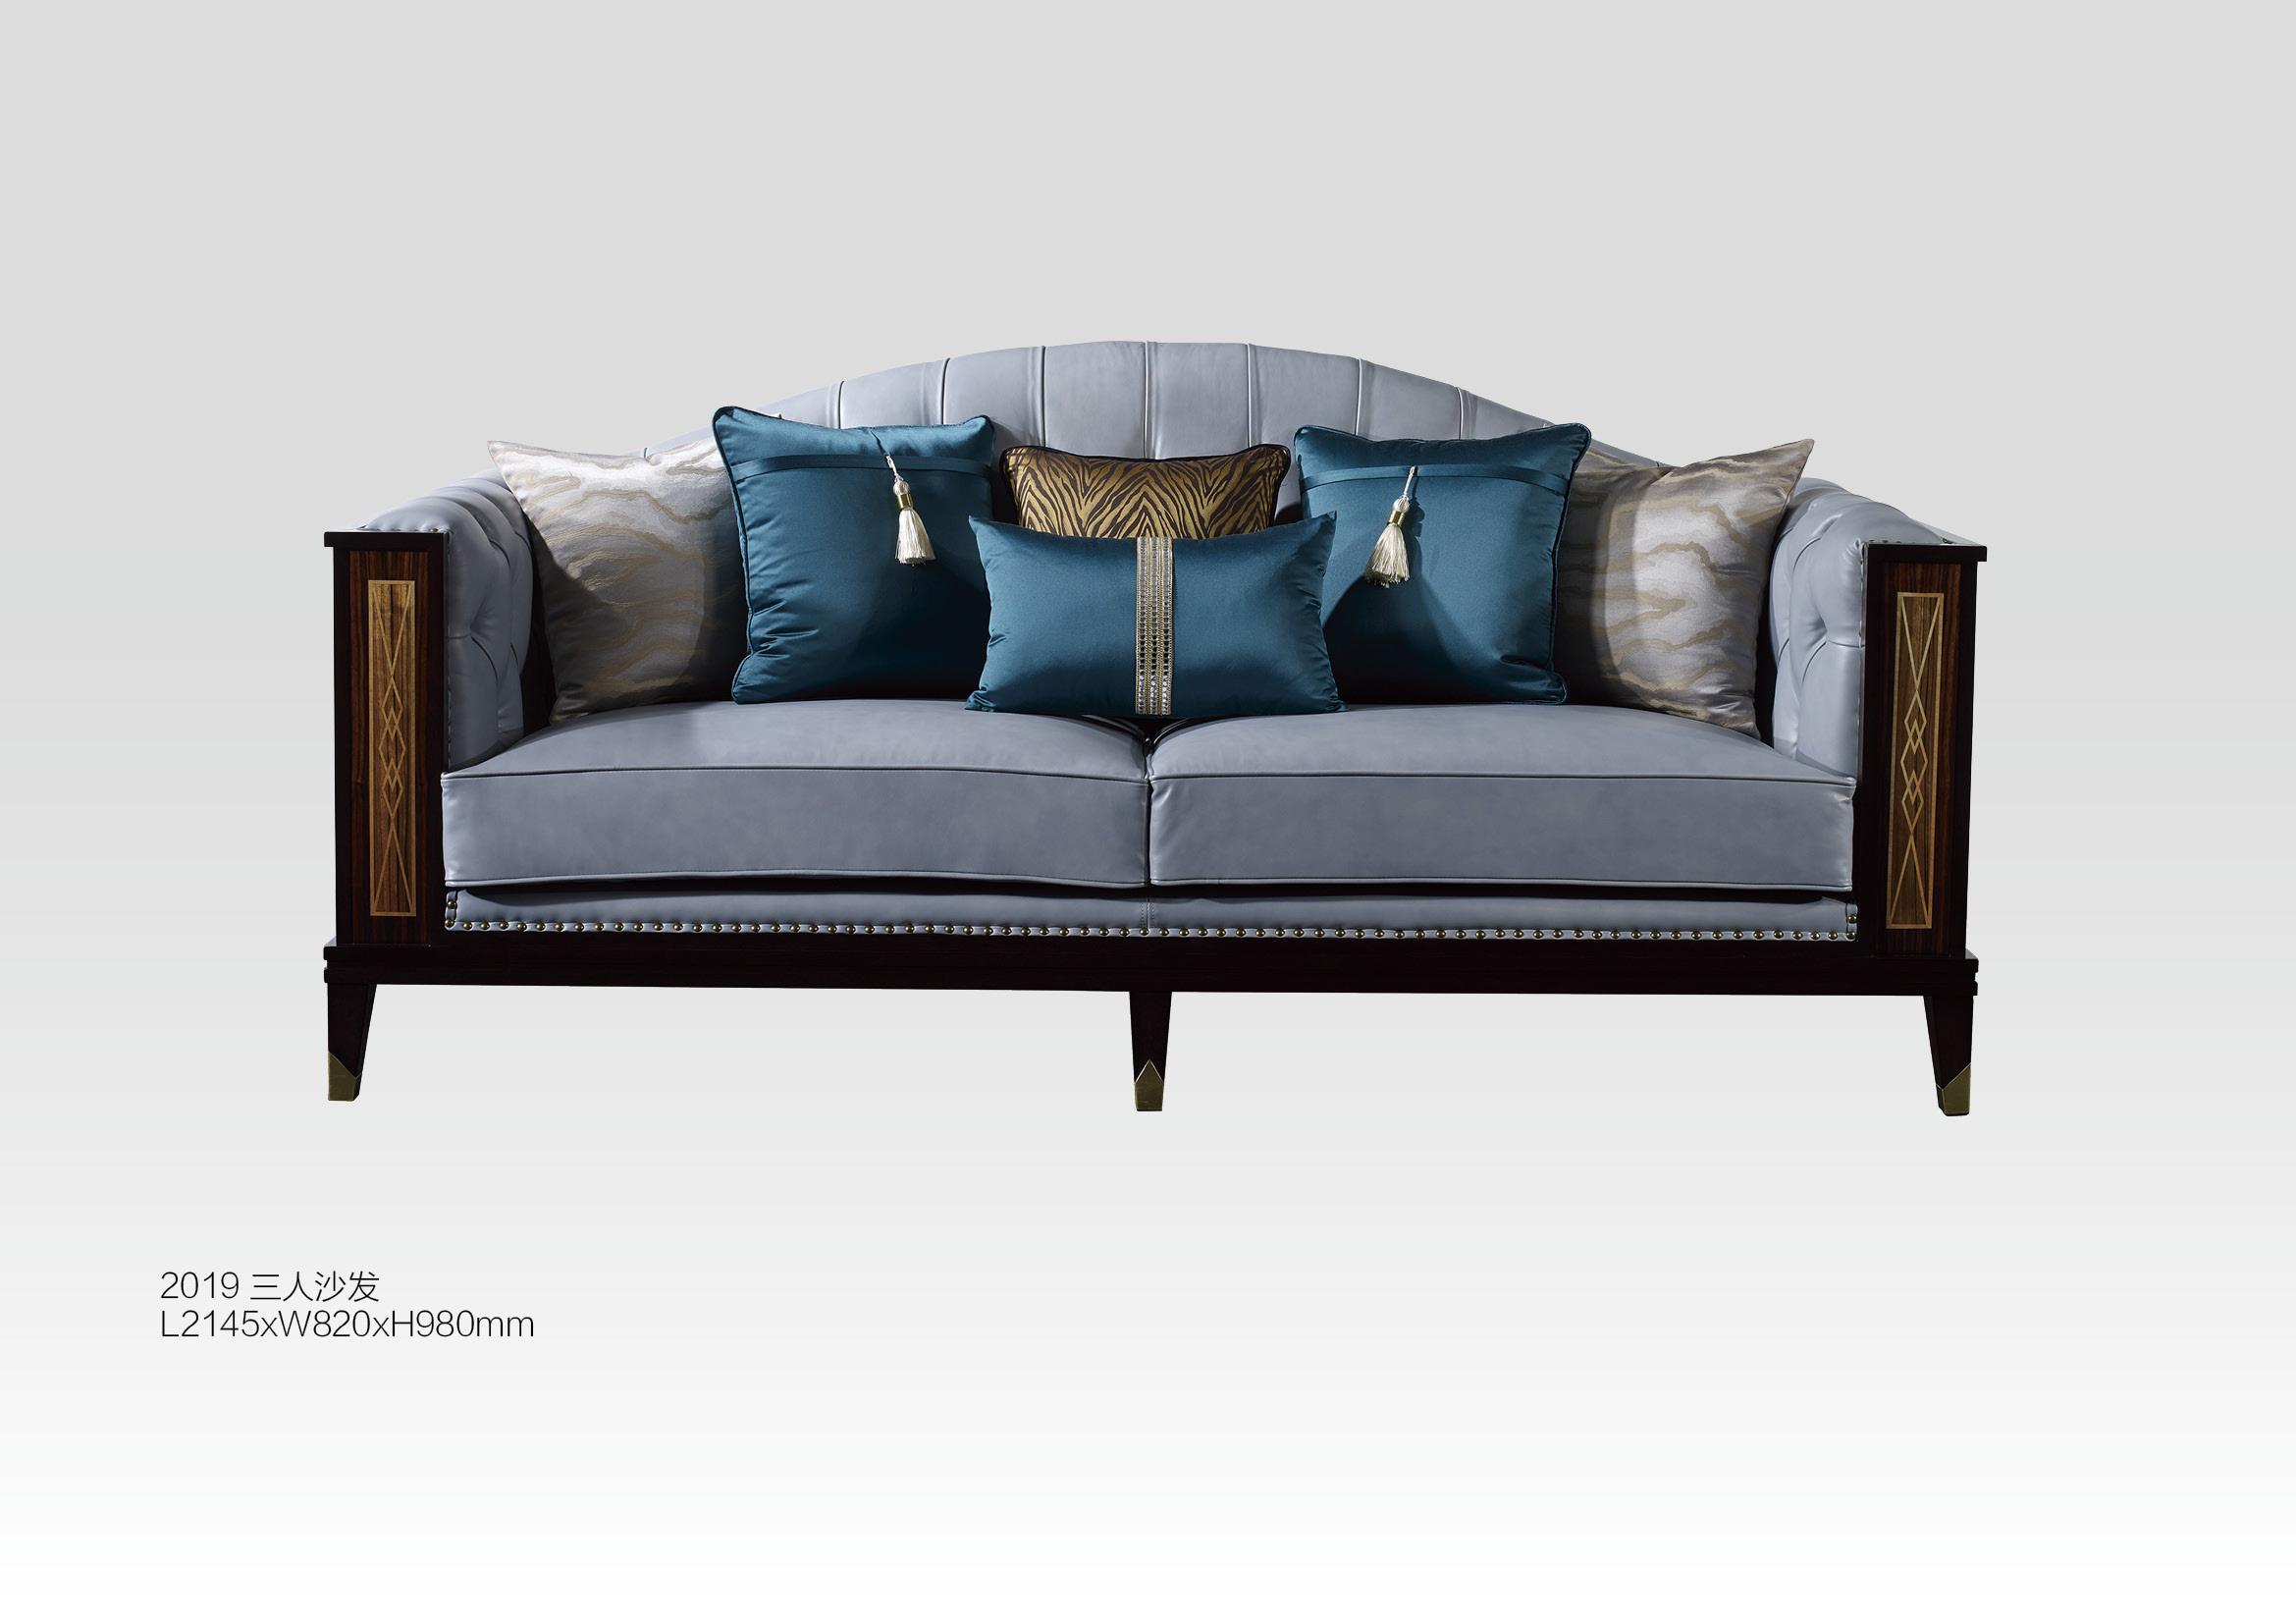 美式乡村客厅组合三人沙发布艺单人|双人现代家具